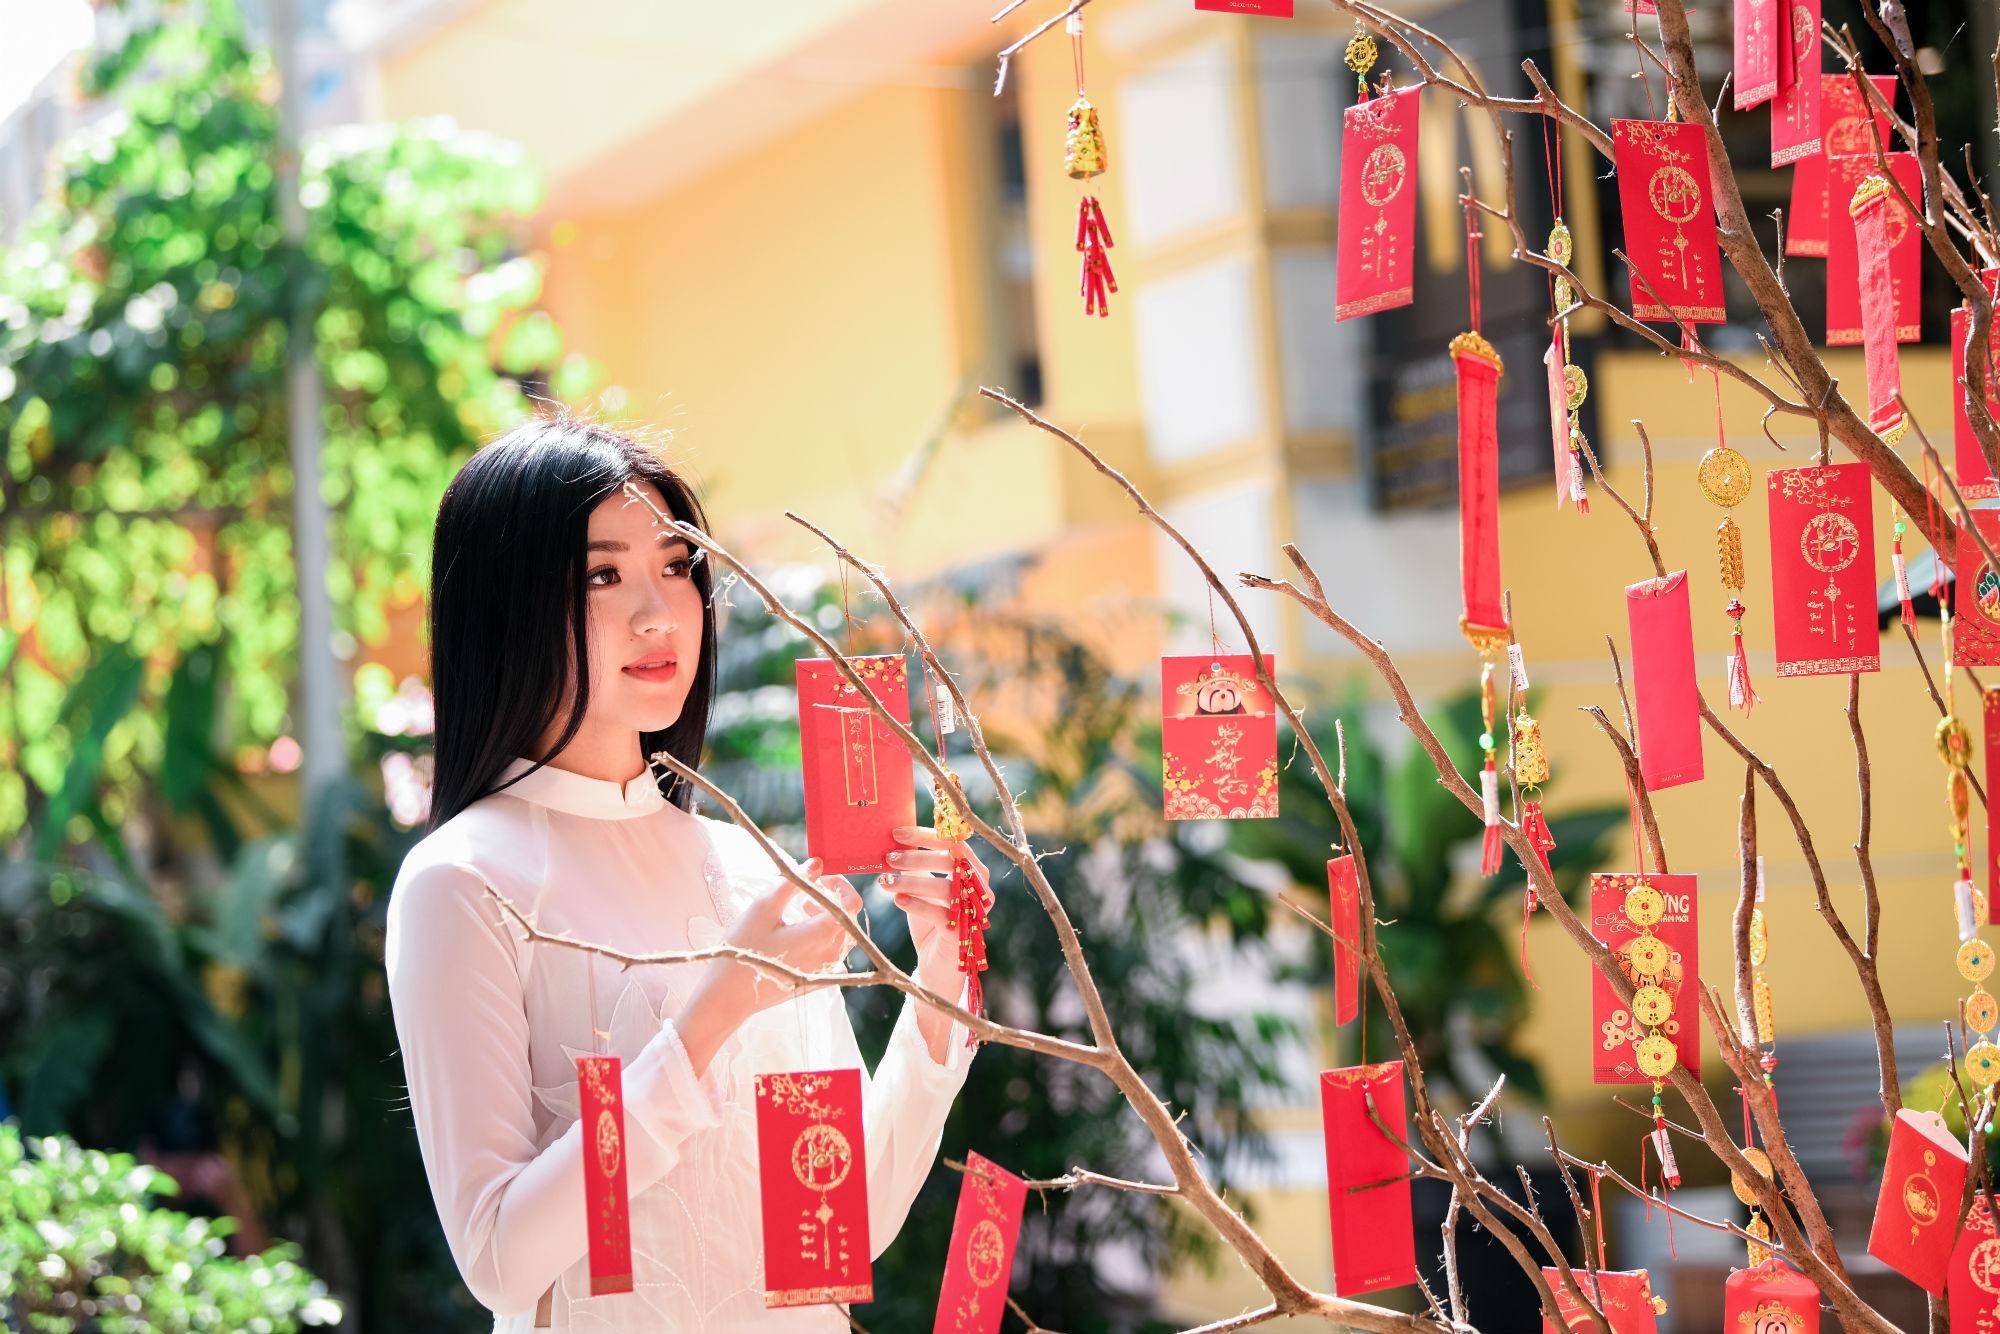 Chia sẻ ước mơ trong tương lai, Lương Huyền Thanh mong muốn ngày càng hoàn thiện bản thân để thành công trên con đường sự nghiệp phía trước.